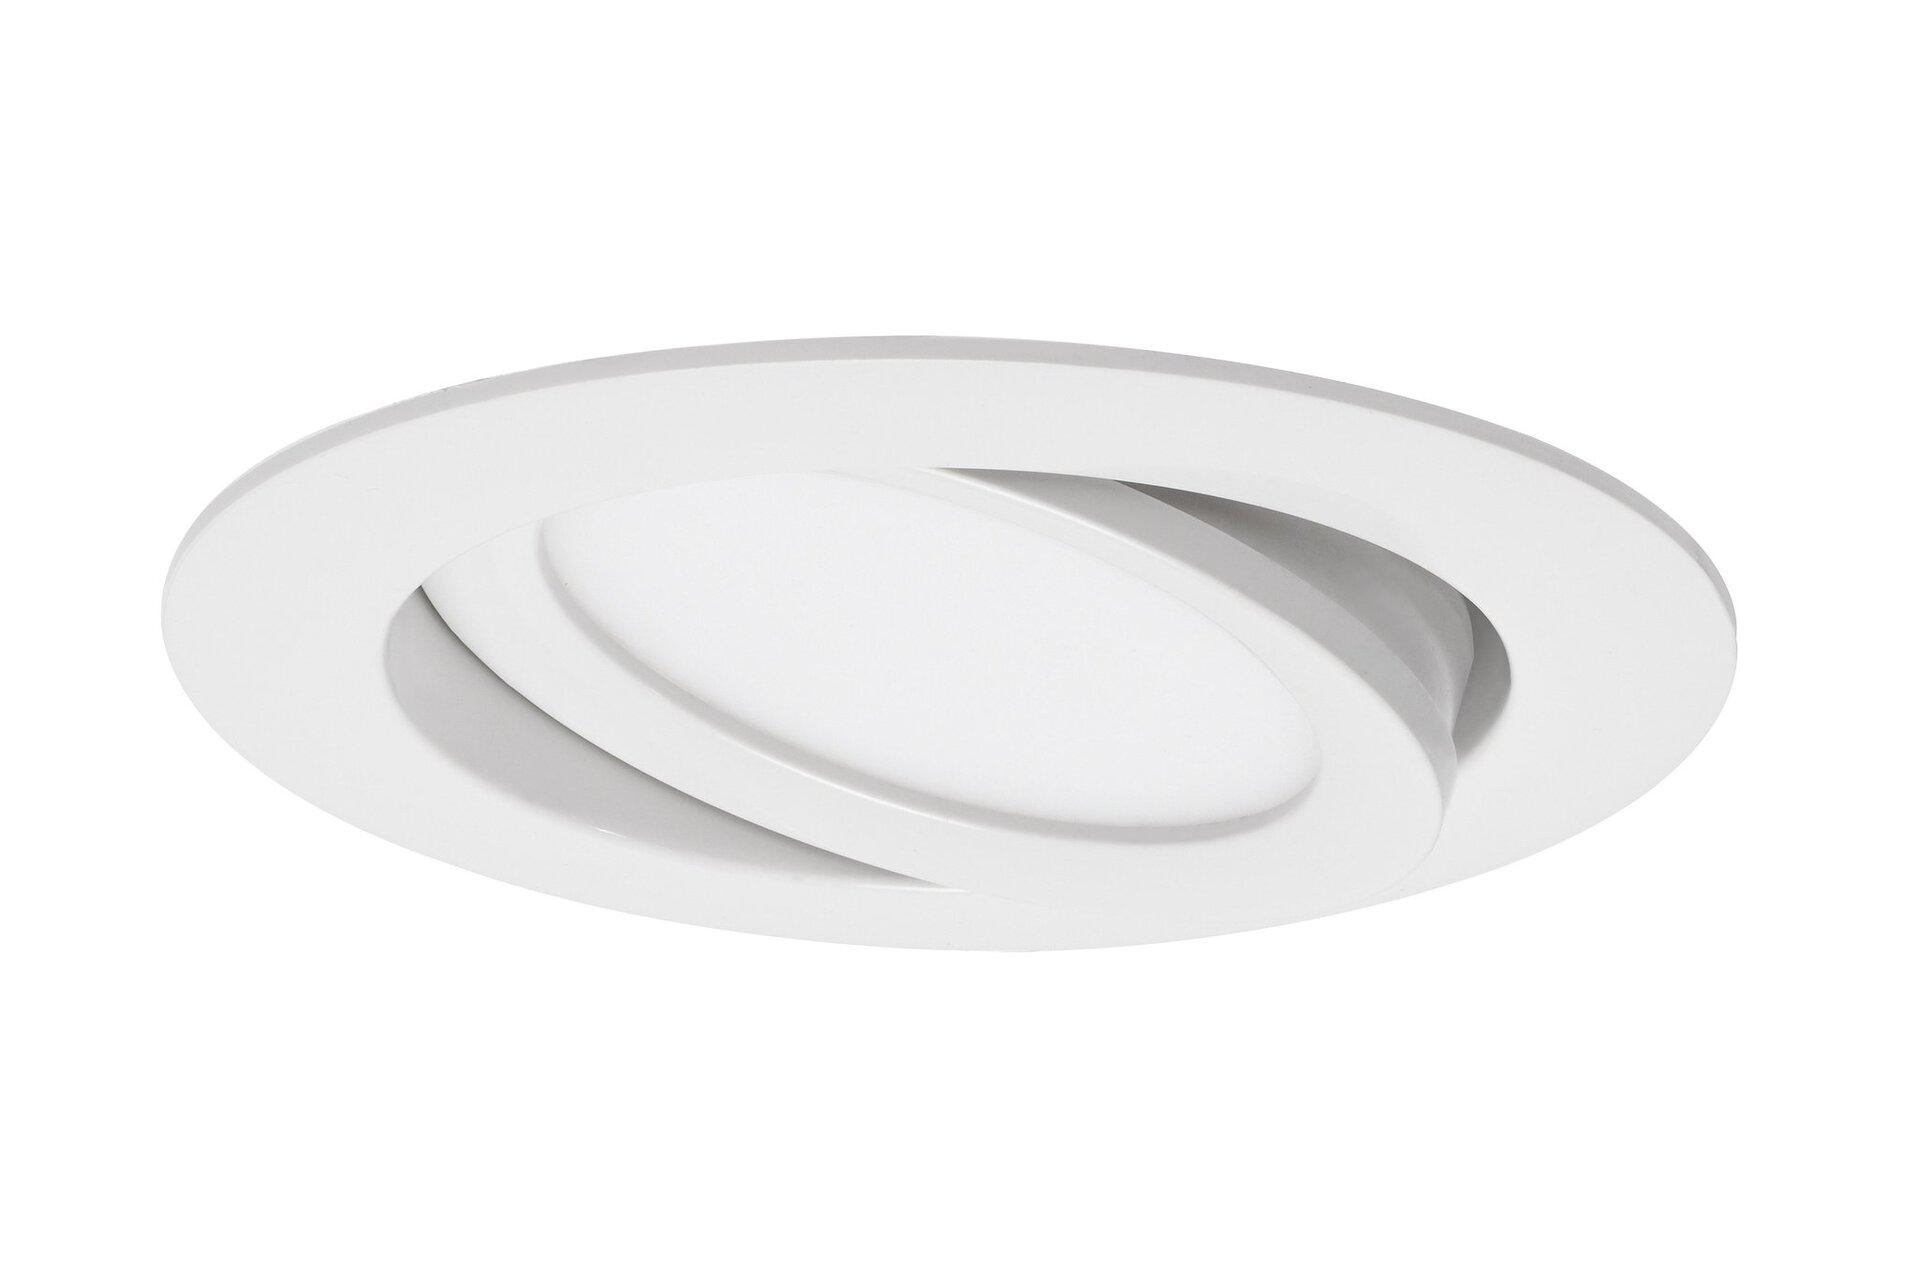 Einbauspot Flat In Briloner Metall weiß 11 x 3 x 11 cm